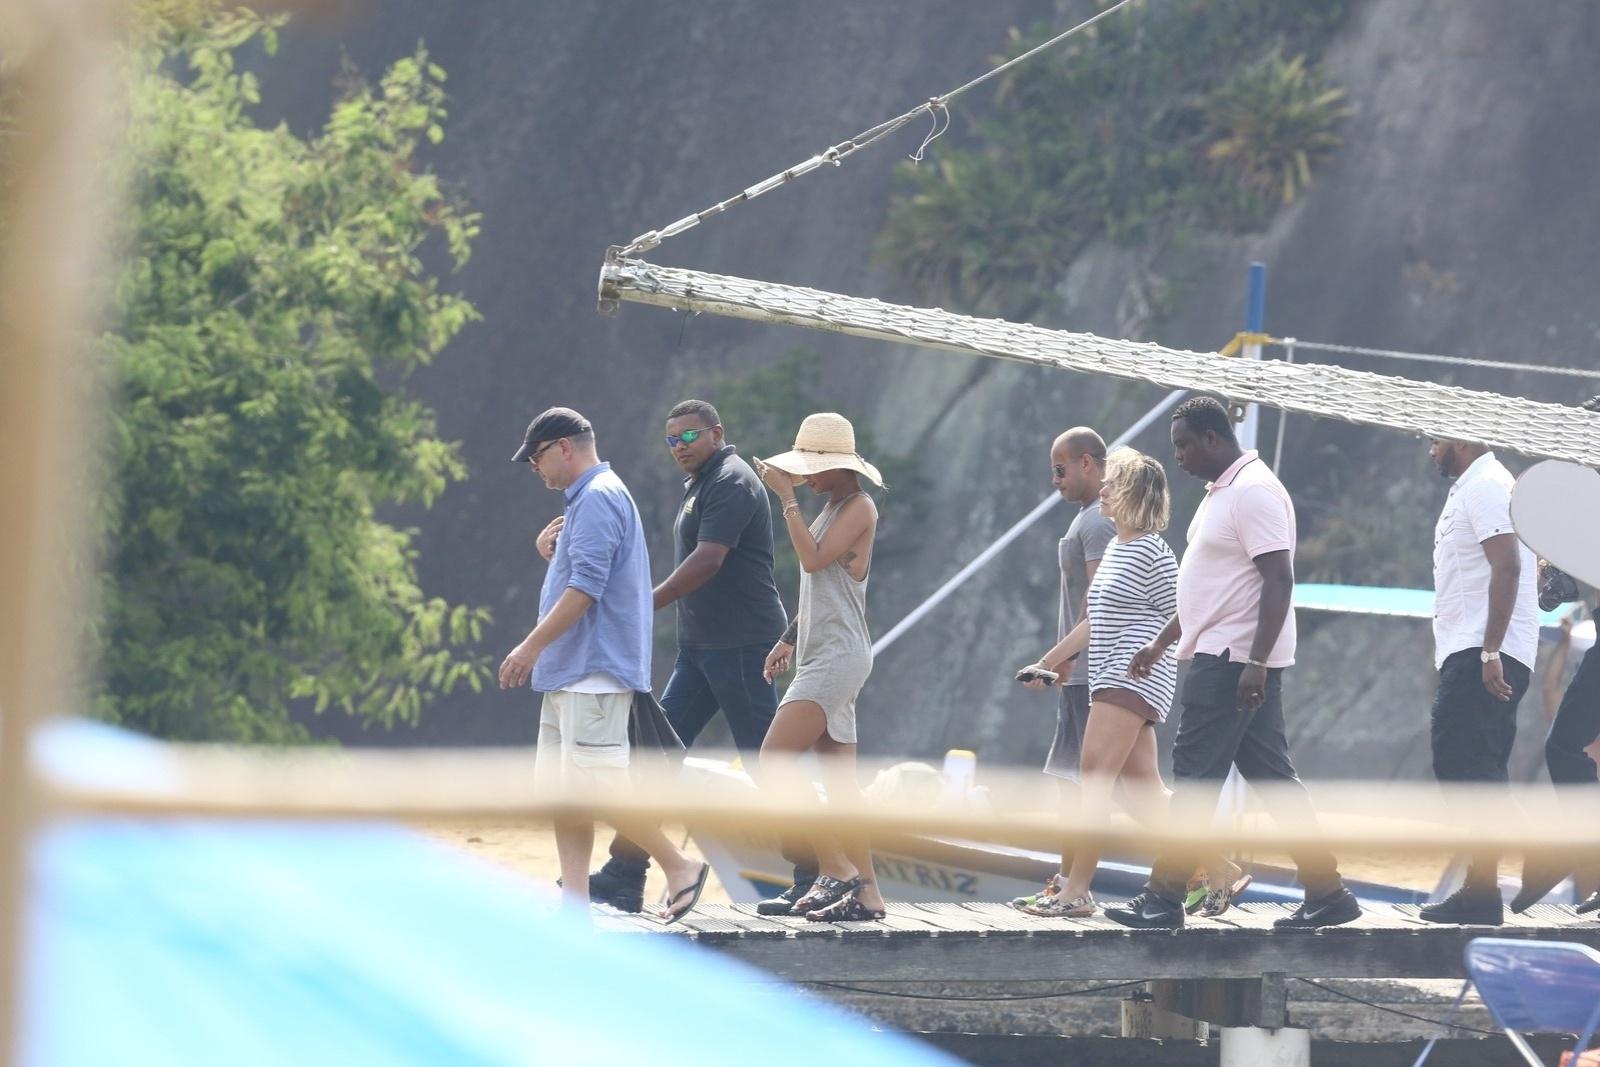 13.jan.2014 - Em Angra dos Reis, no Rio de Janeiro, Rihanna desembarca da lancha para fotografar em uma ilha. A cantora vai ser capa da revista